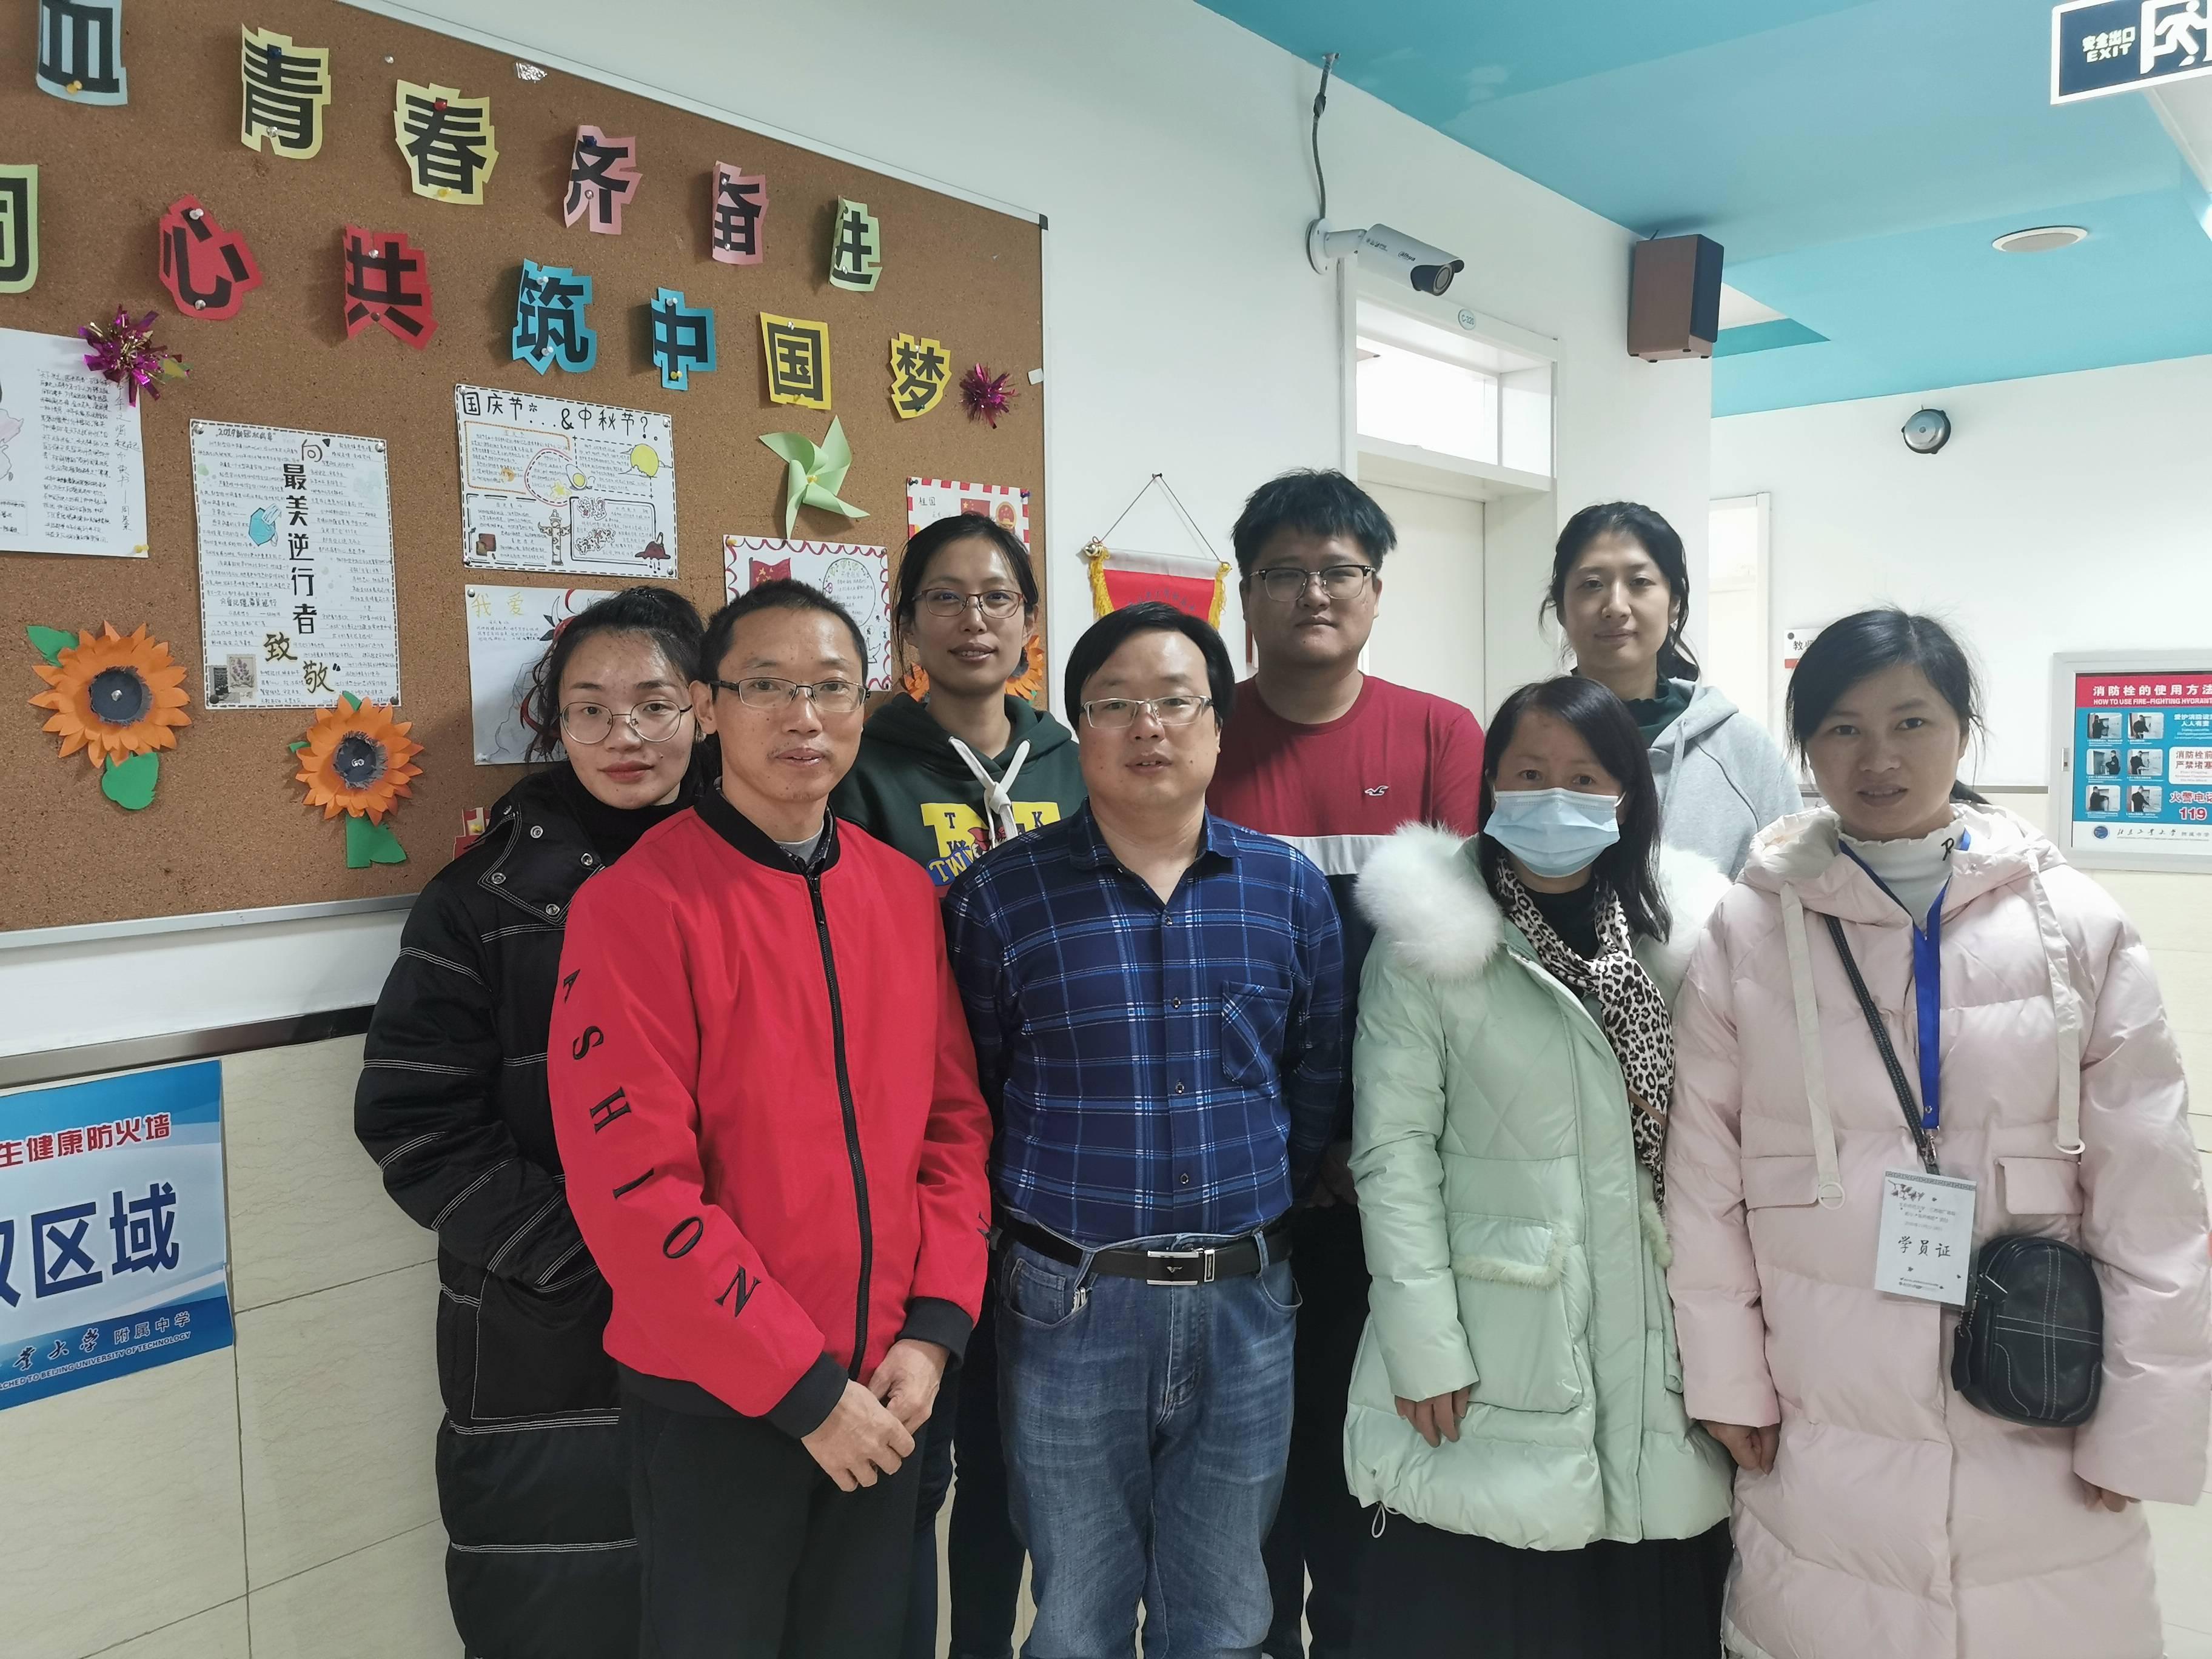 化学组指导教师和跟岗学员教师.jpg